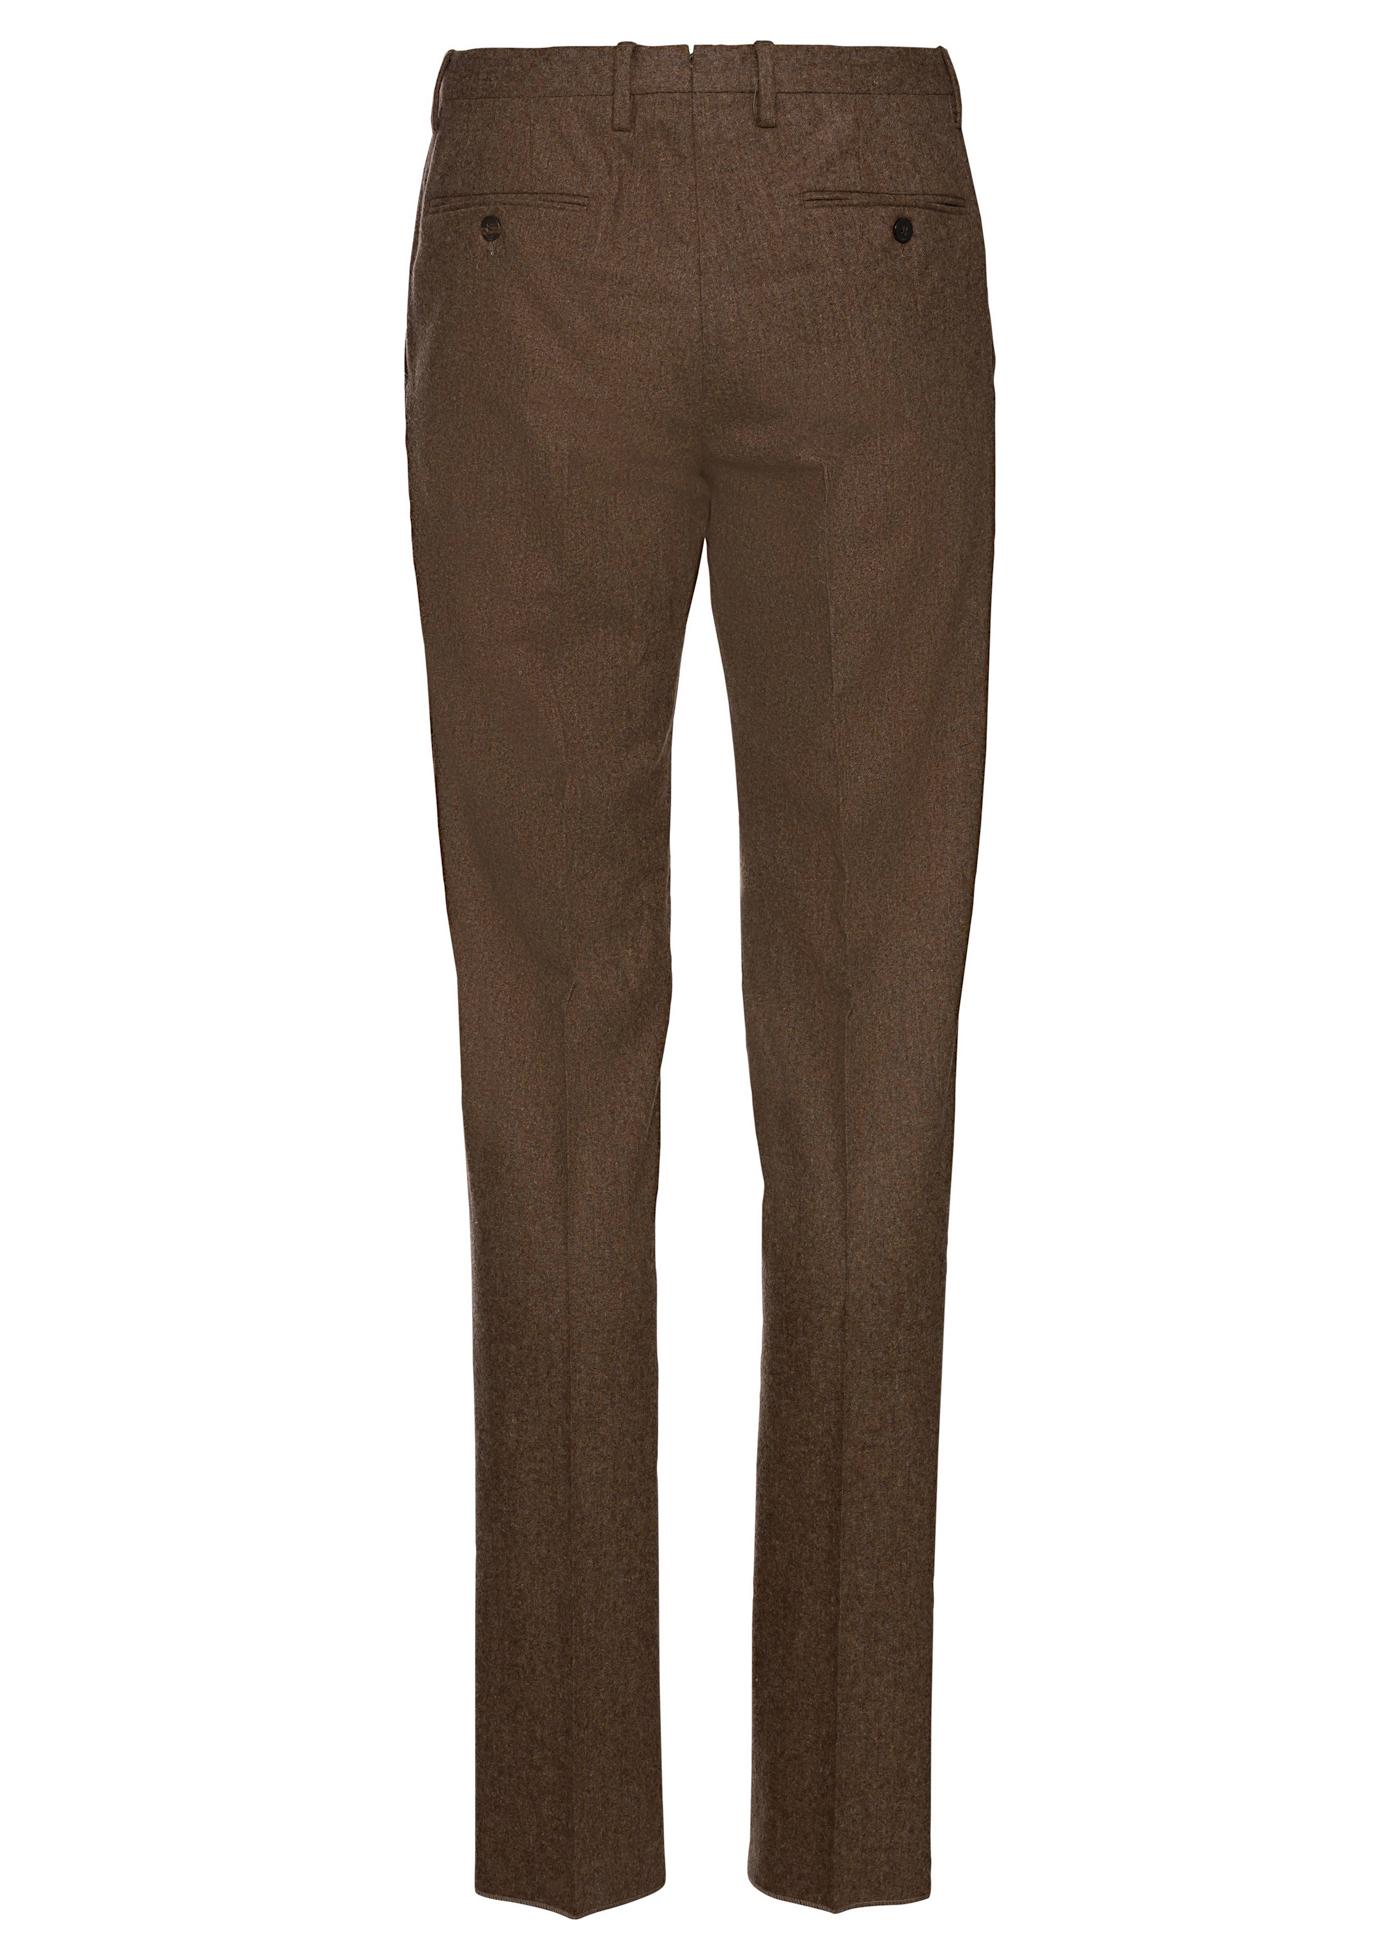 Wool Melange Pants image number 1